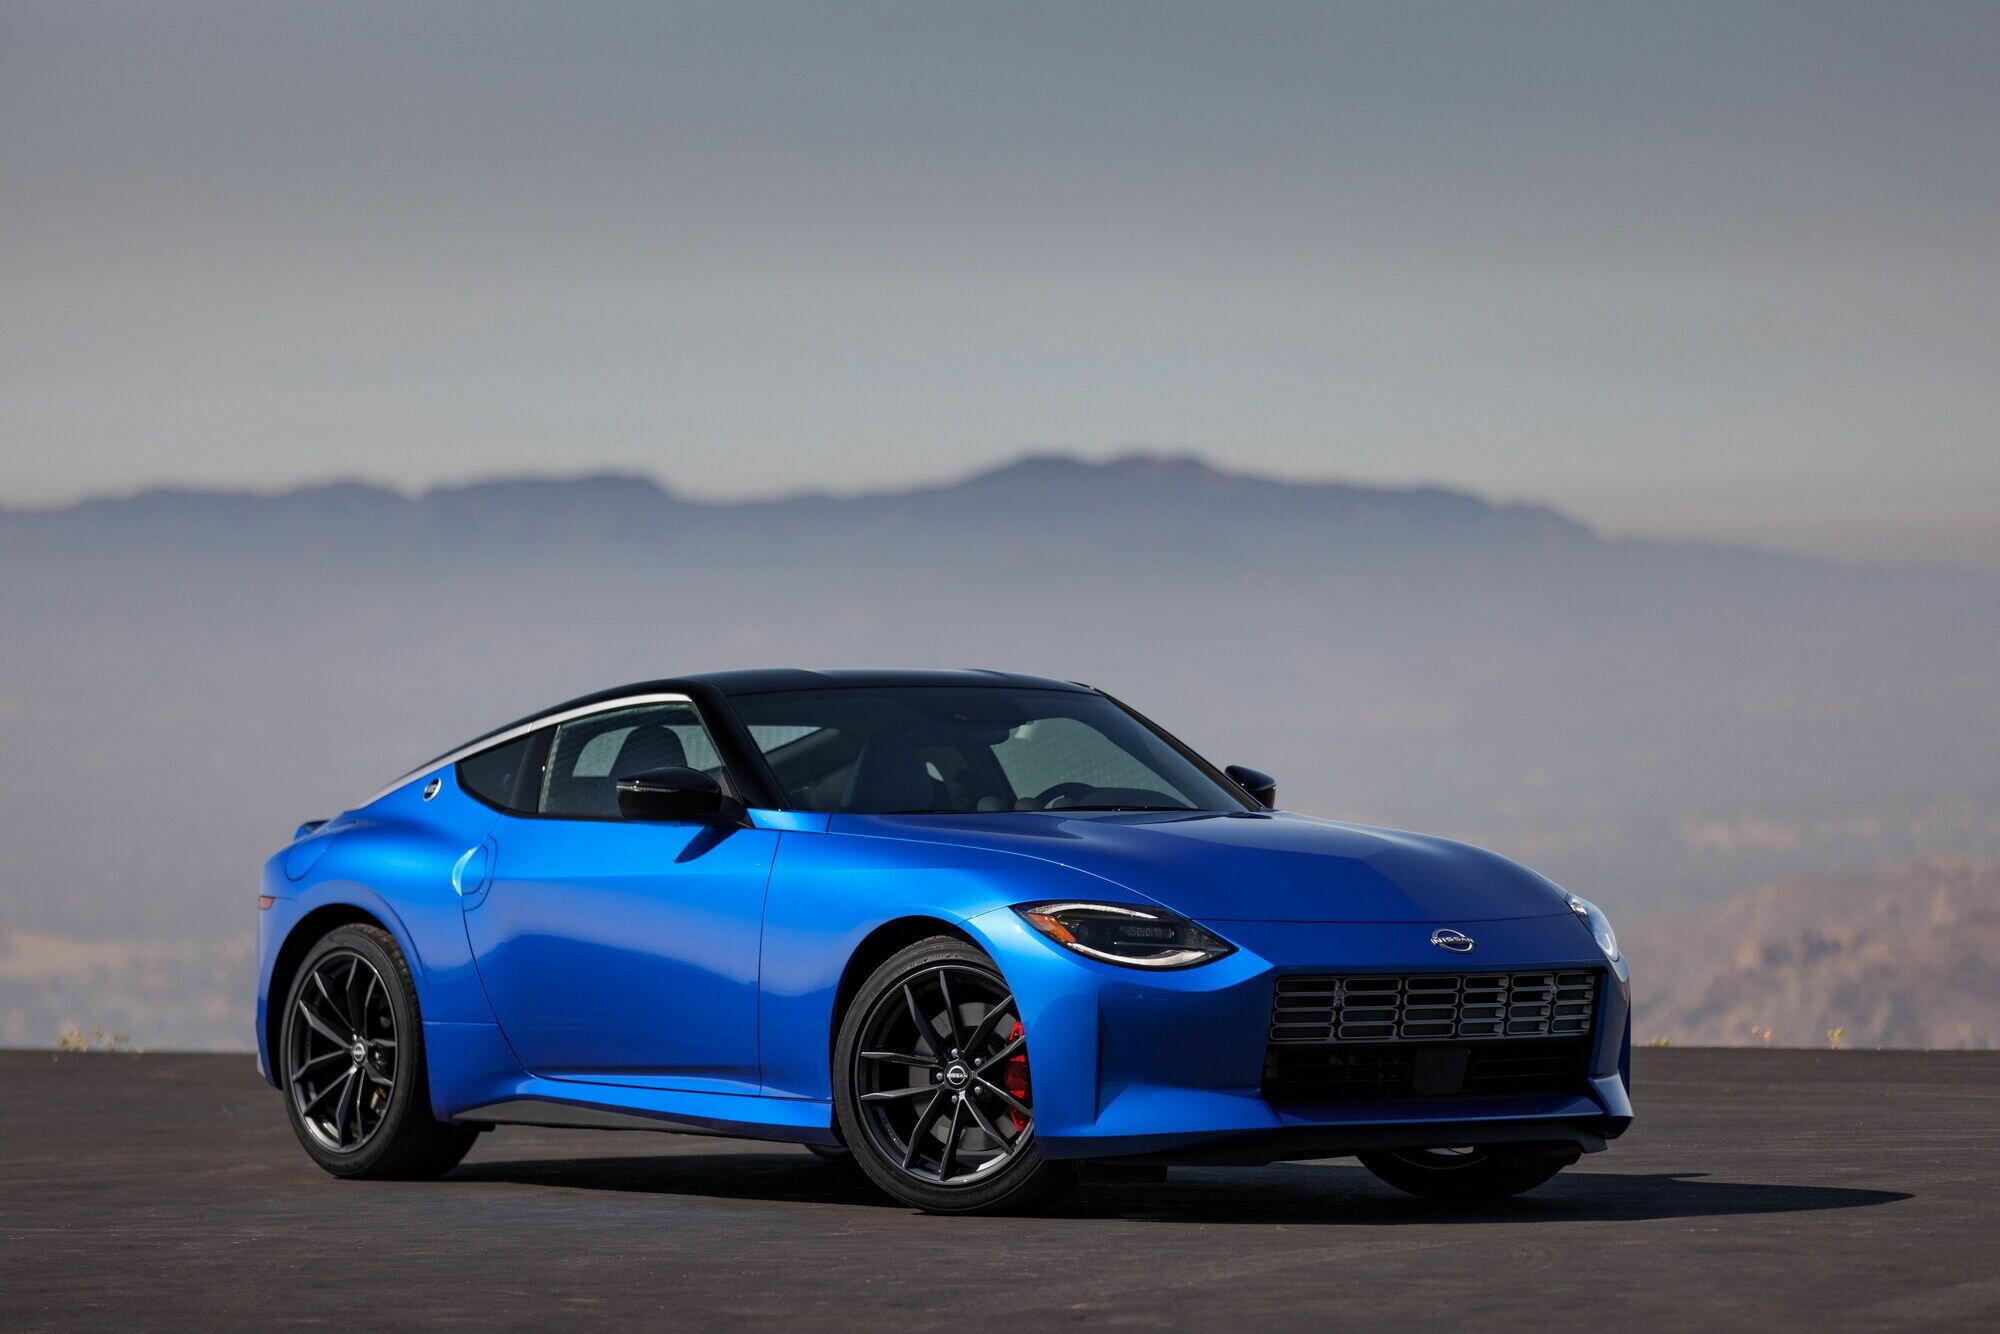 Седьмая генерация лишилась цифрового индекса и будет продаваться на всех рынках кроме японского под именем Nissan Z